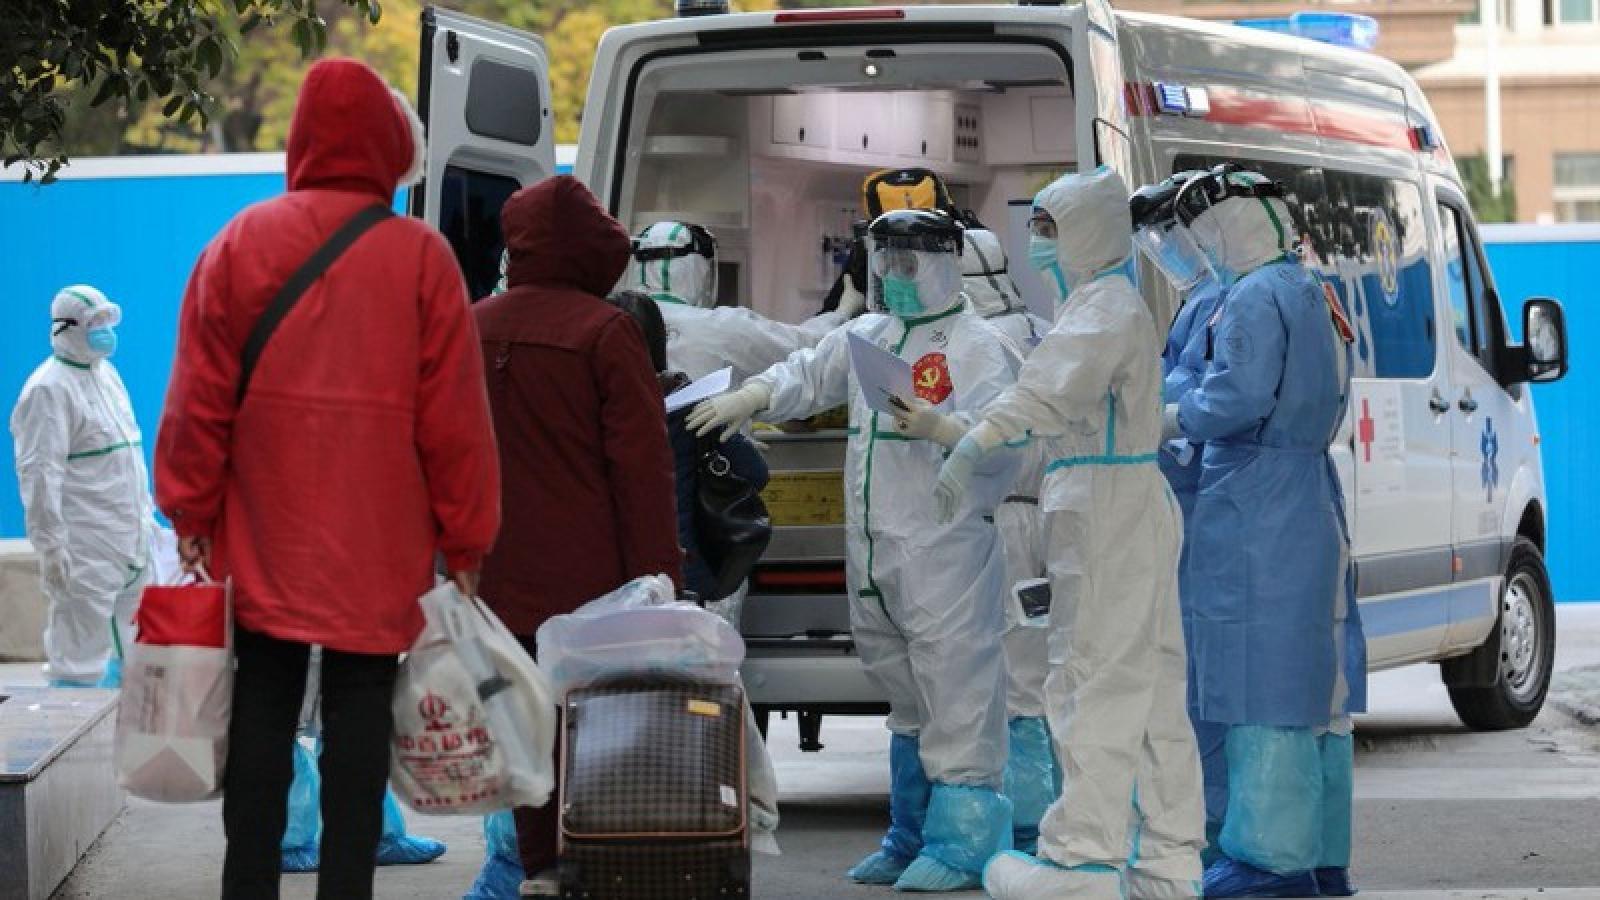 """Trung Quốc đại lục: ca nhiễm """"nội địa"""" tăng, không ghi nhận ca tử vong mới"""